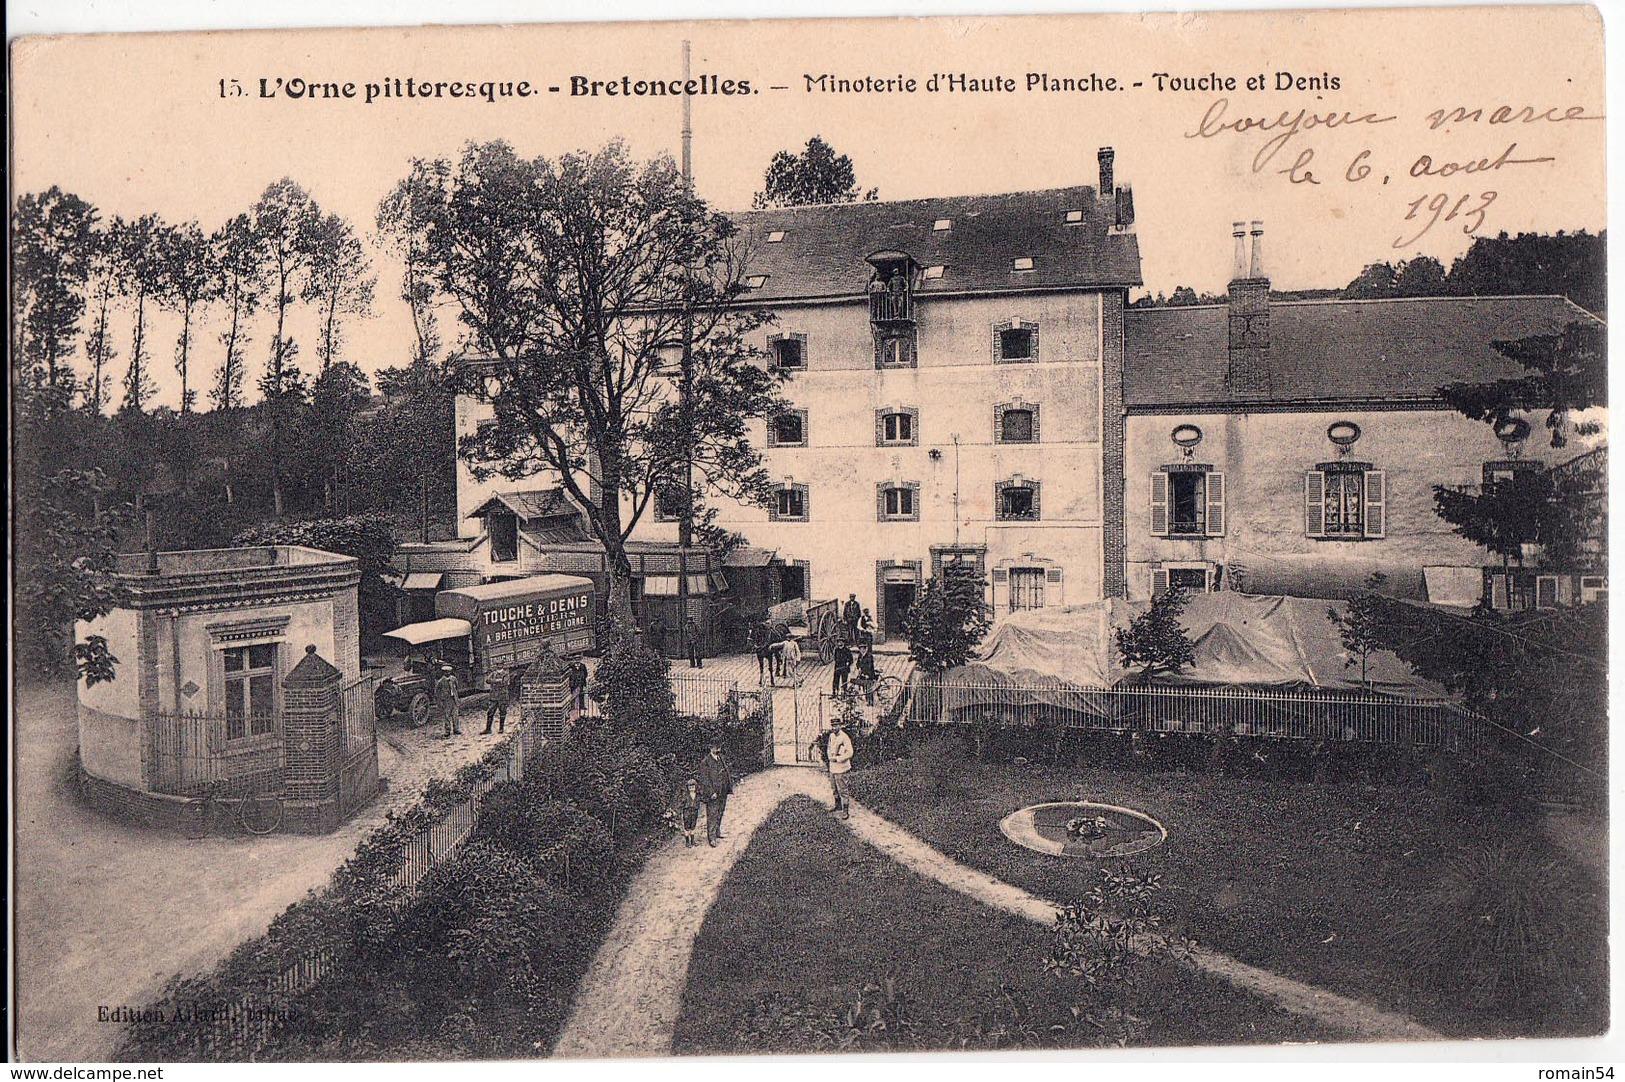 BRETONCELLES-MINOTERIE D'HAUTE PLANCHE-TOUCHE ET DENIS - France